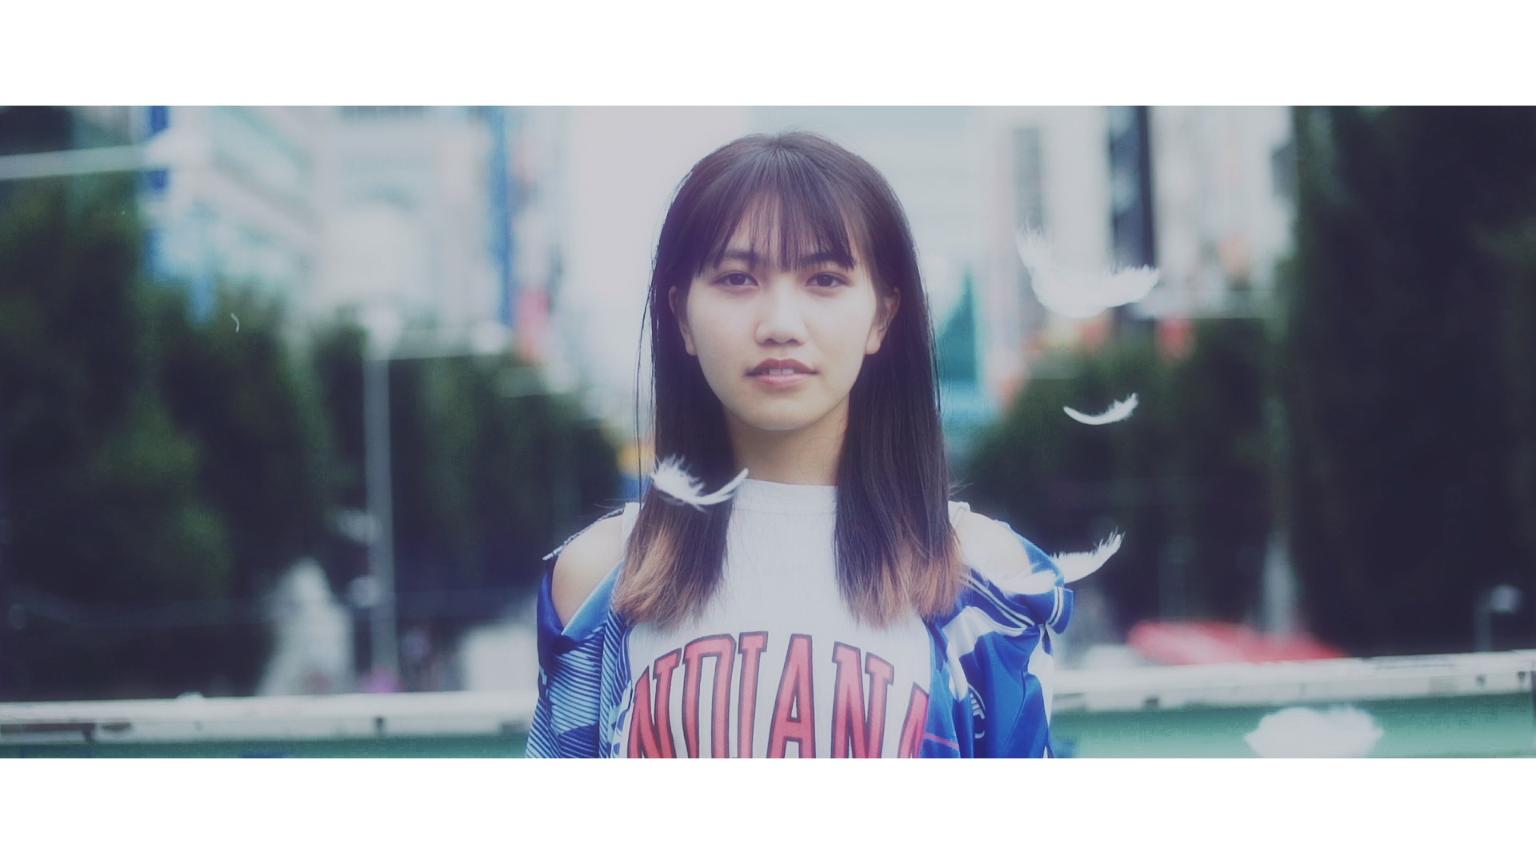 2018 11 7 水 Release 井上苑子new Single ファンタジック